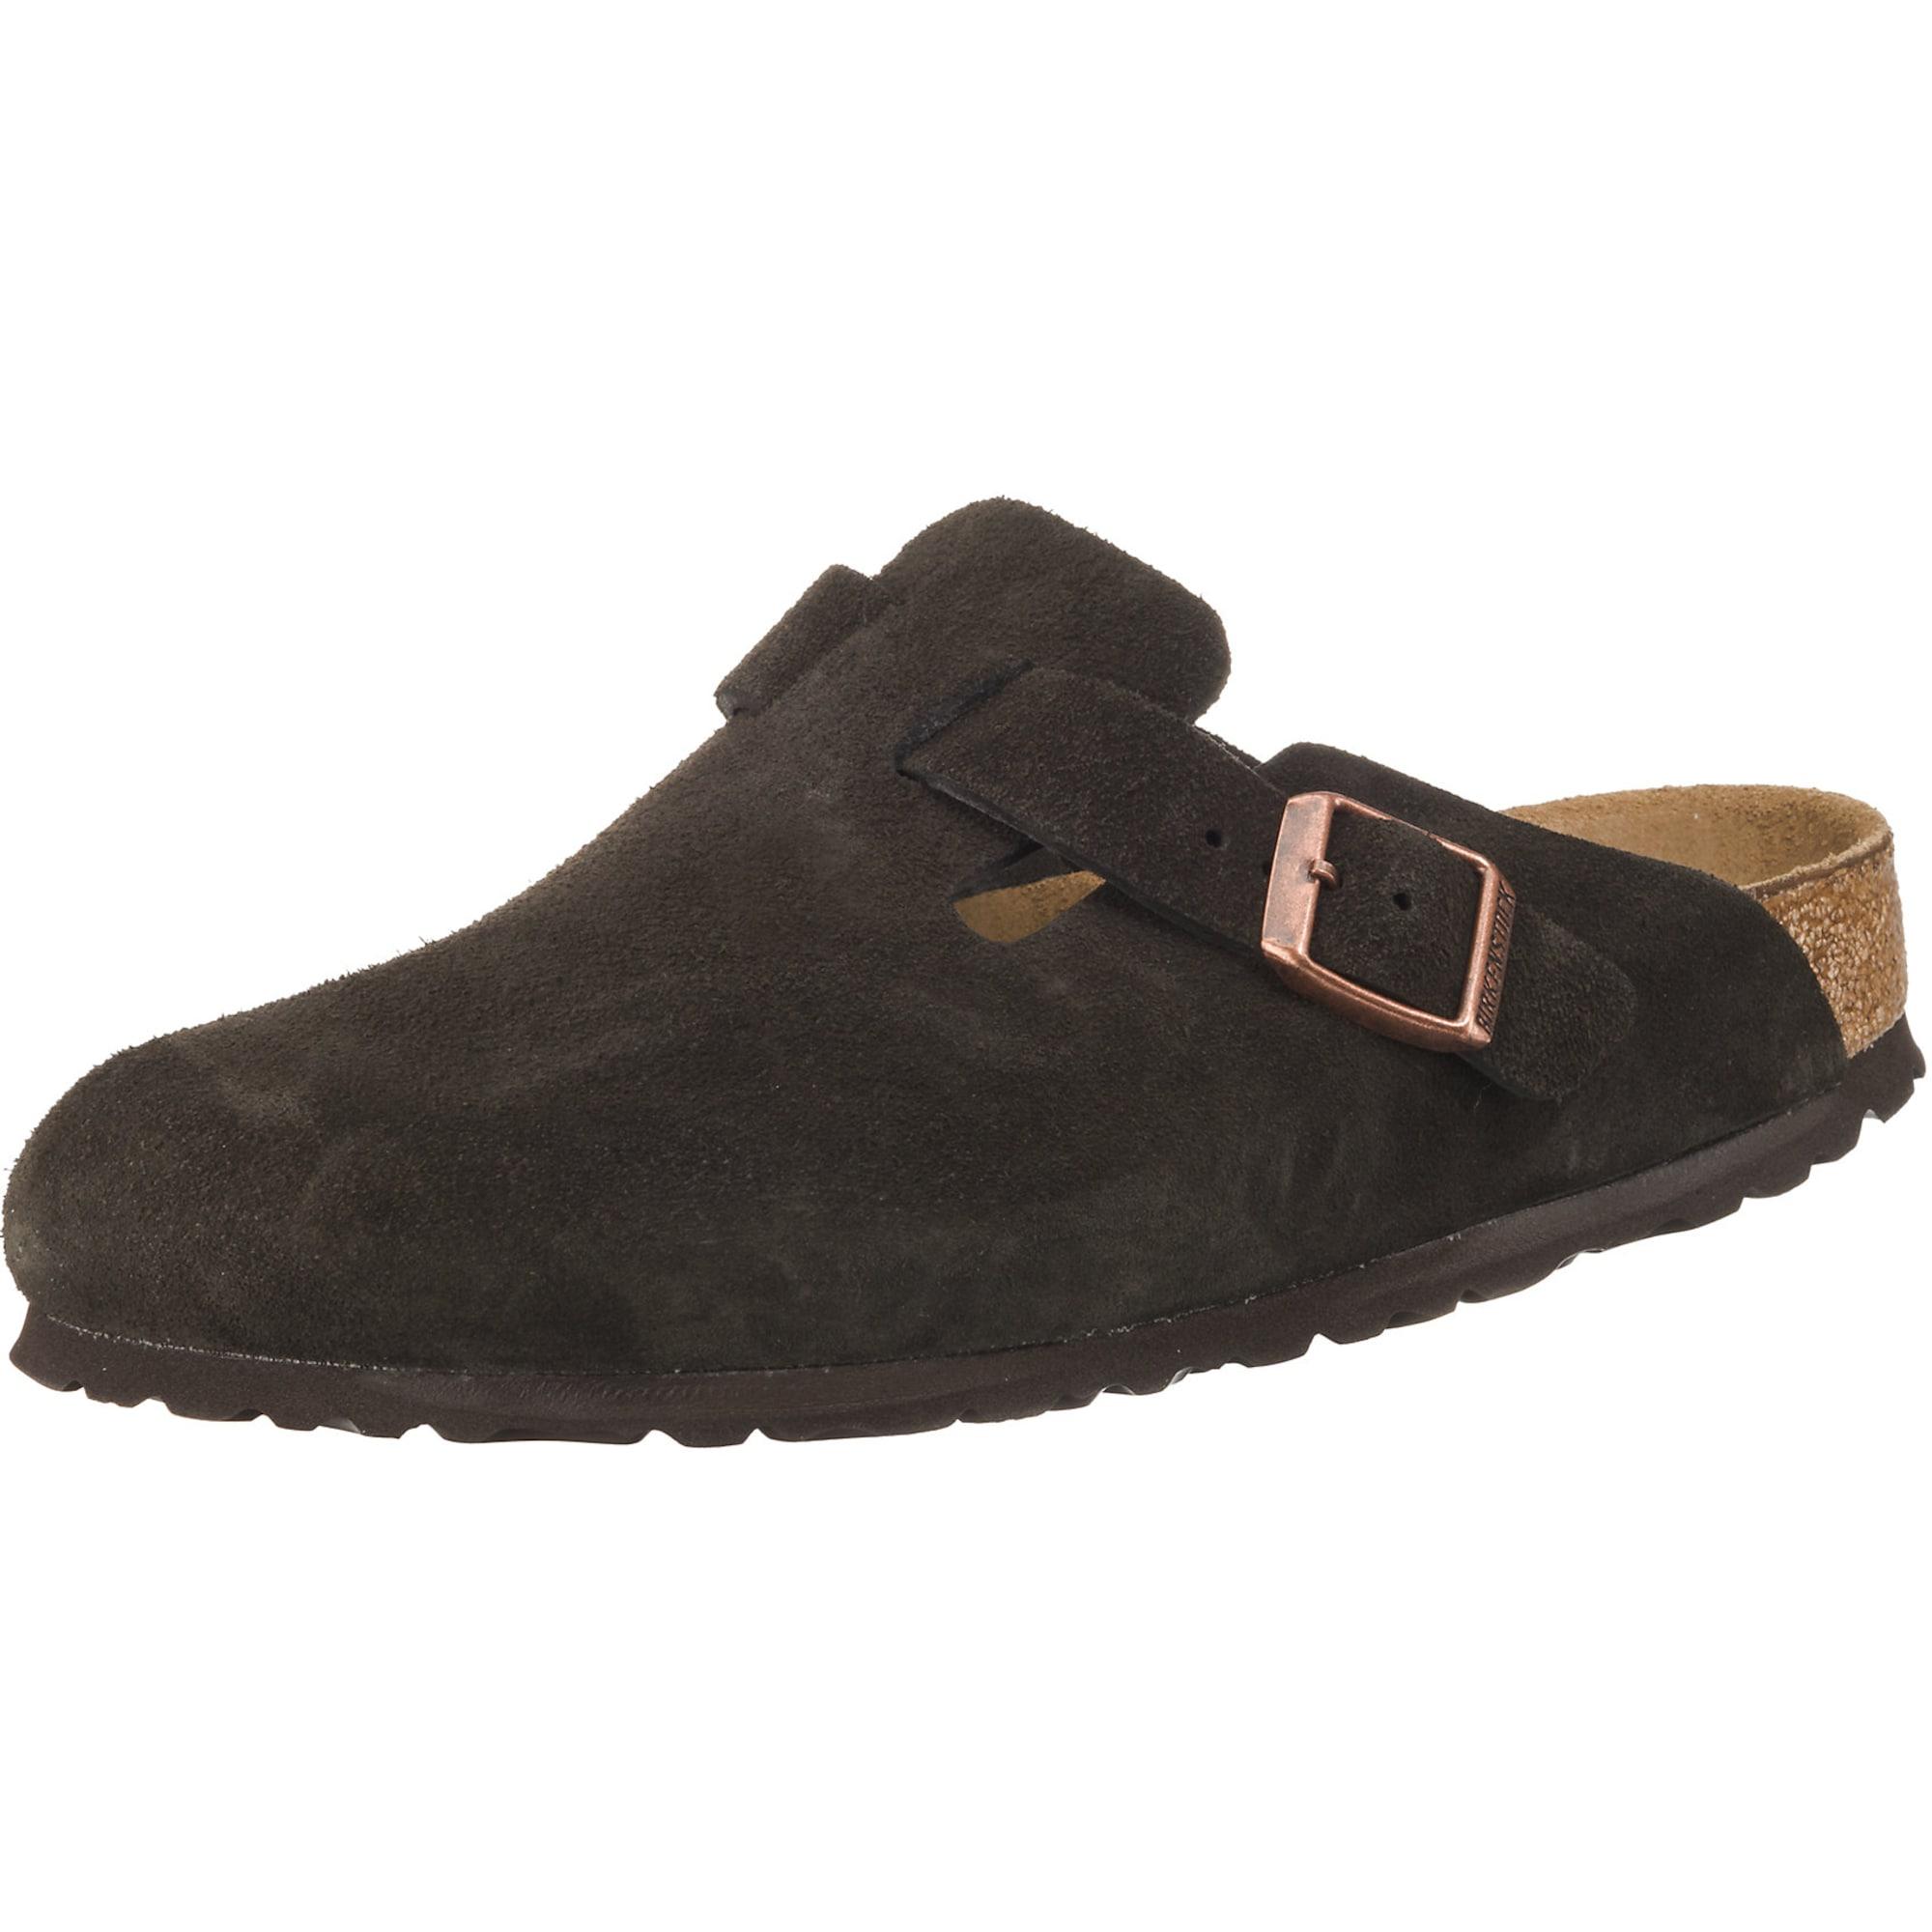 Weichbettung Clogs 'Boston' | Schuhe > Clogs & Pantoletten > Clogs | Braun | Birkenstock